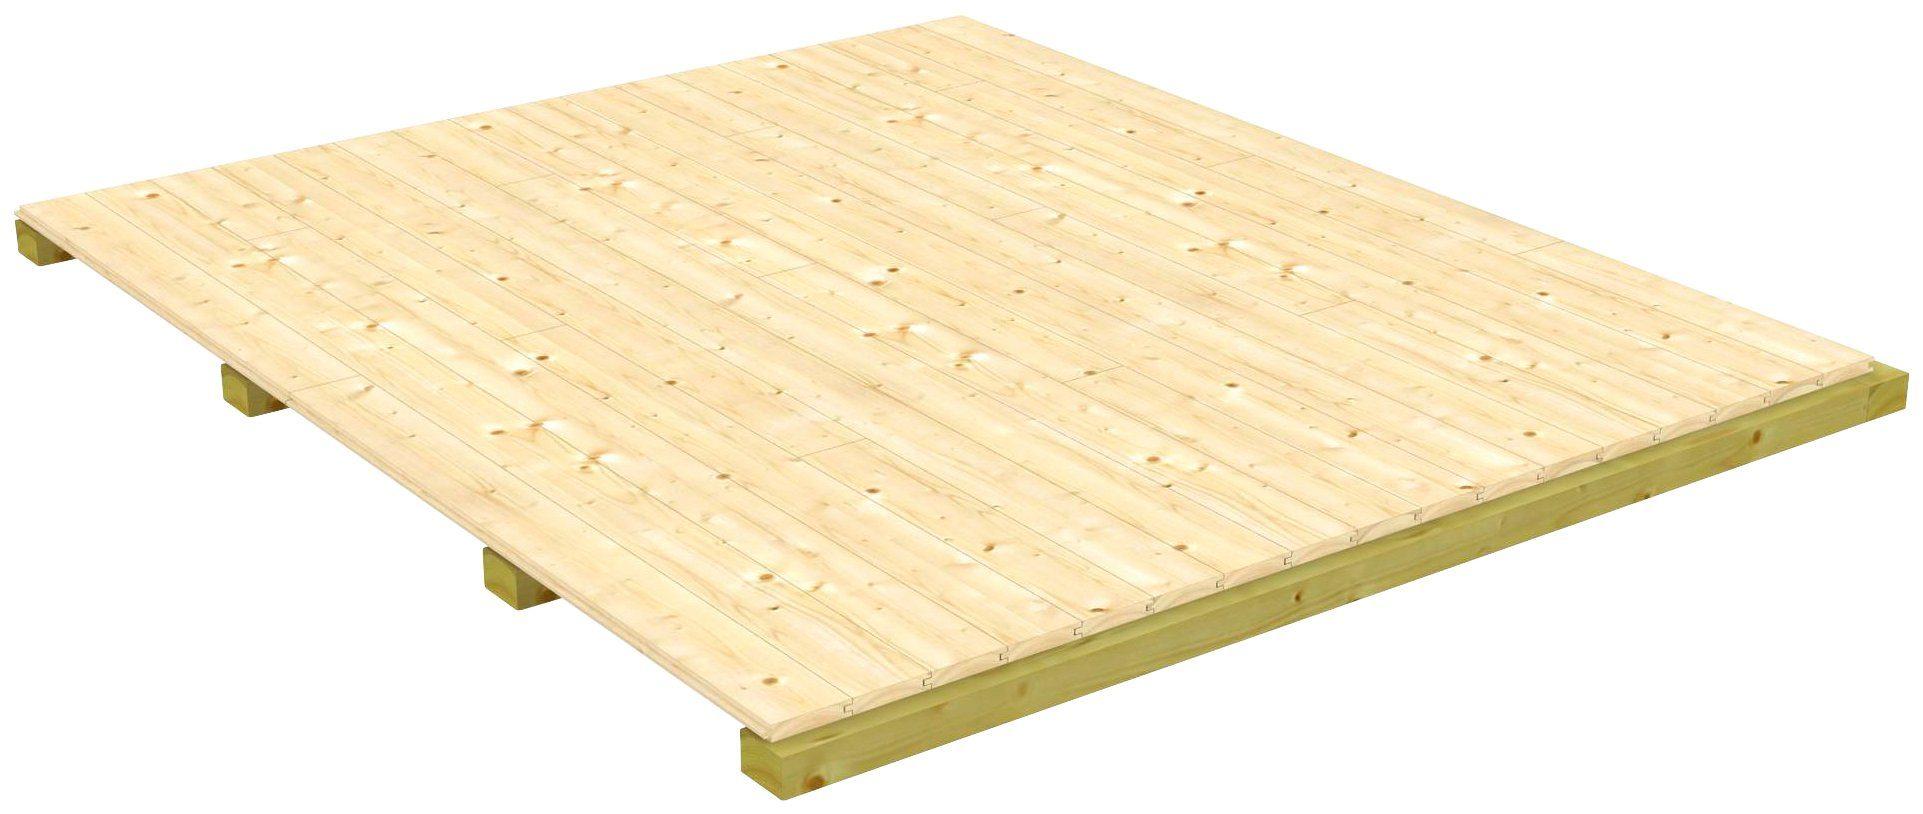 Fußboden für Gartenhäuser »Axel 272«, BxT: 477x269 cm